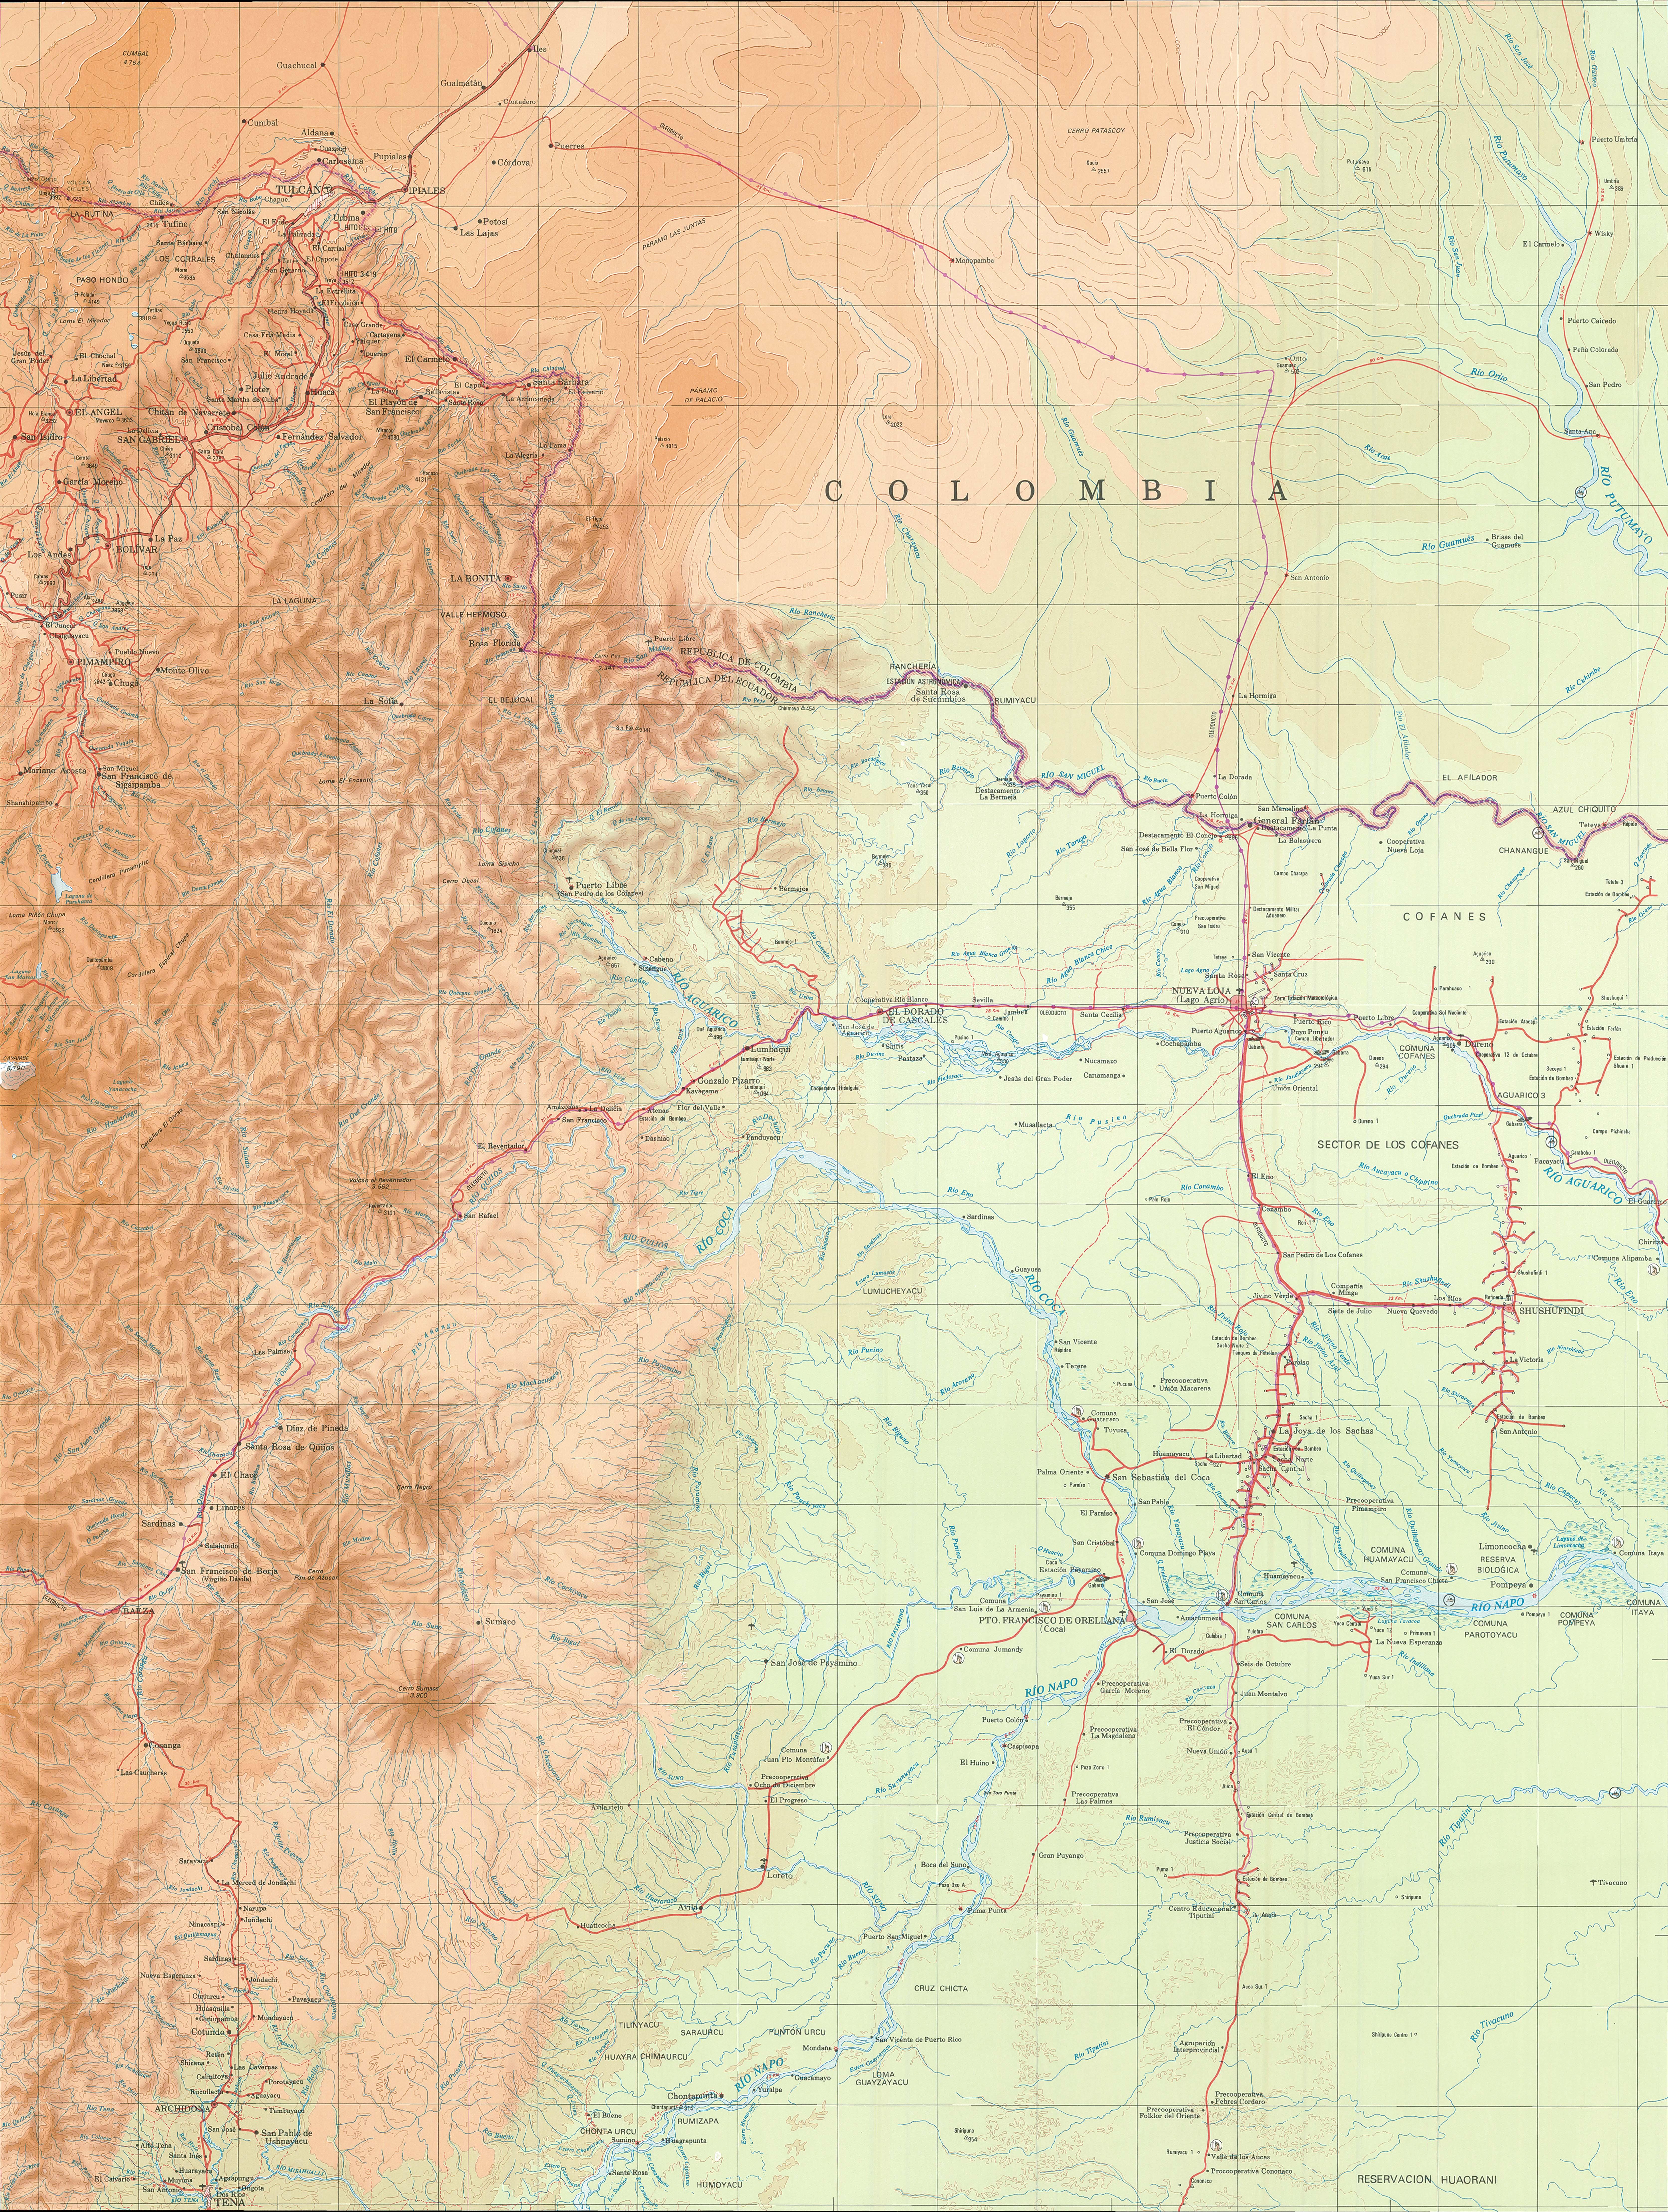 Topographic map of the Amazon Region 1